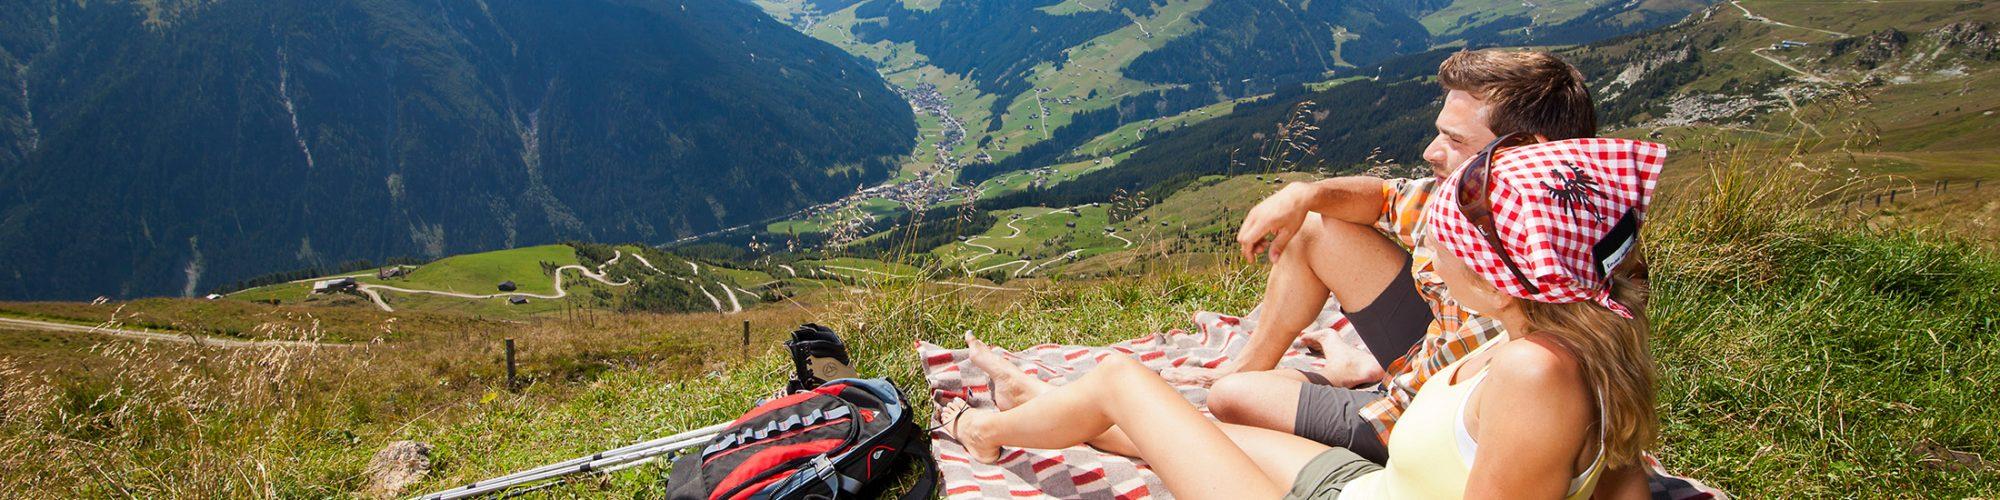 Sommerurlaub in Tux aus dem Archiv Tourismusverband Tux-Finkenberg